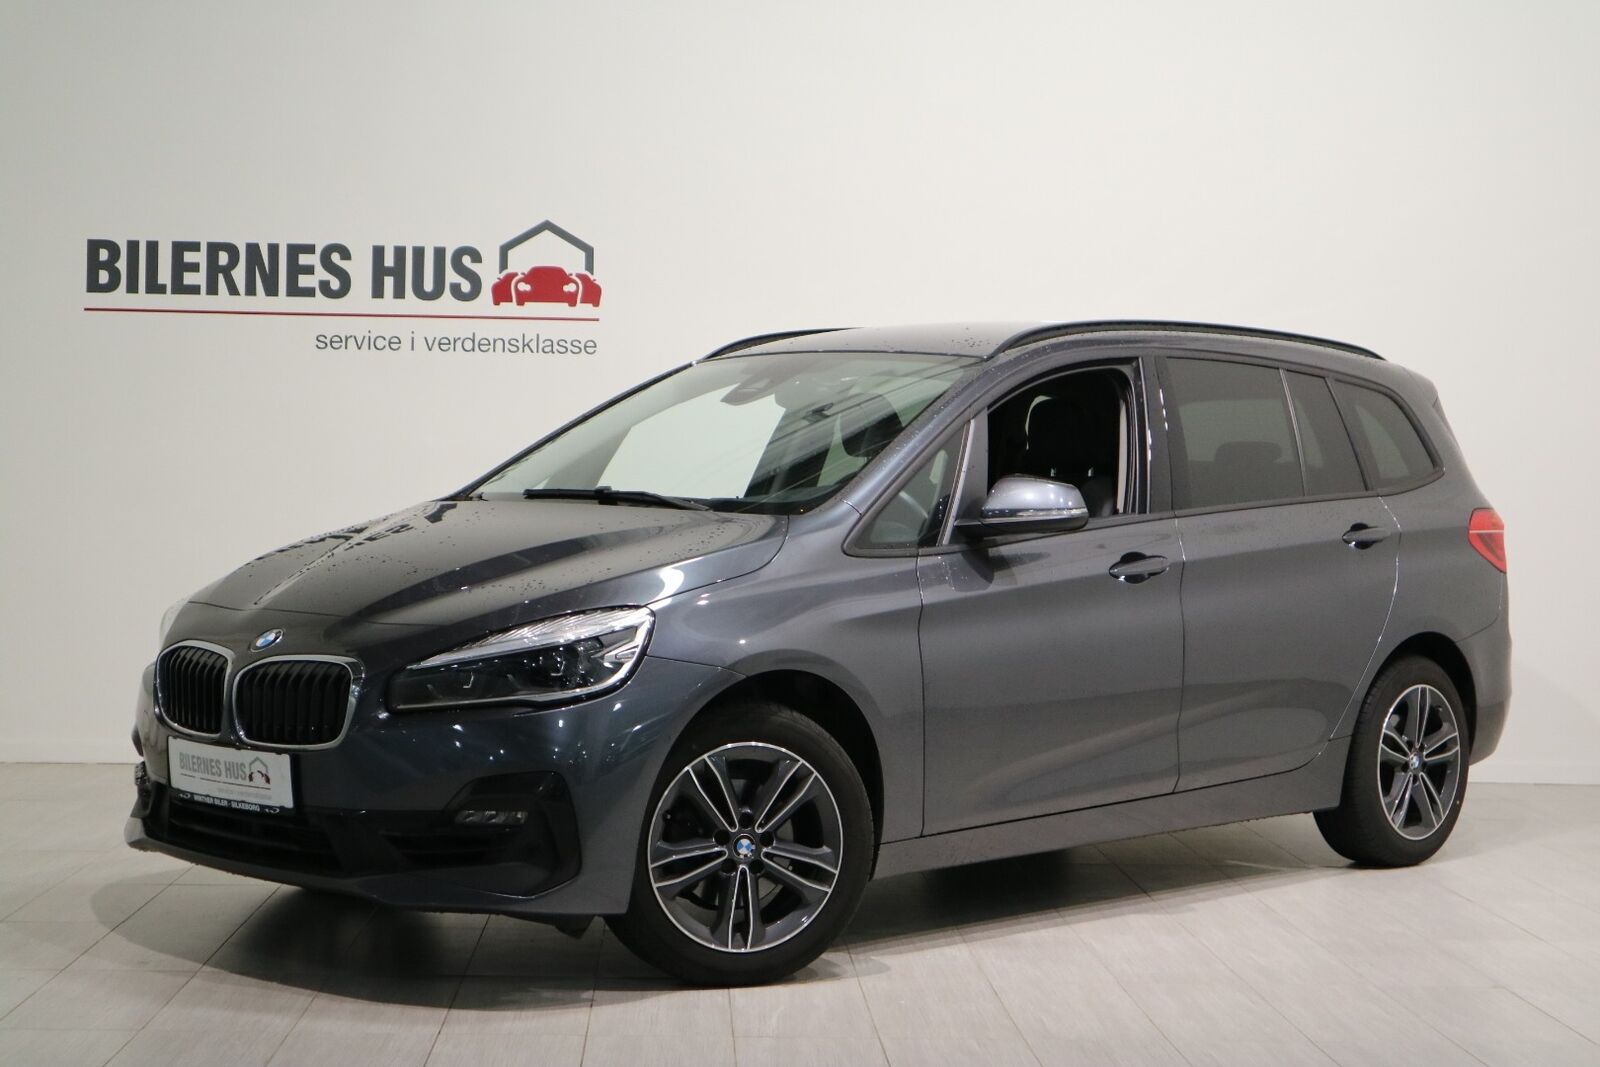 BMW 216i Billede 3